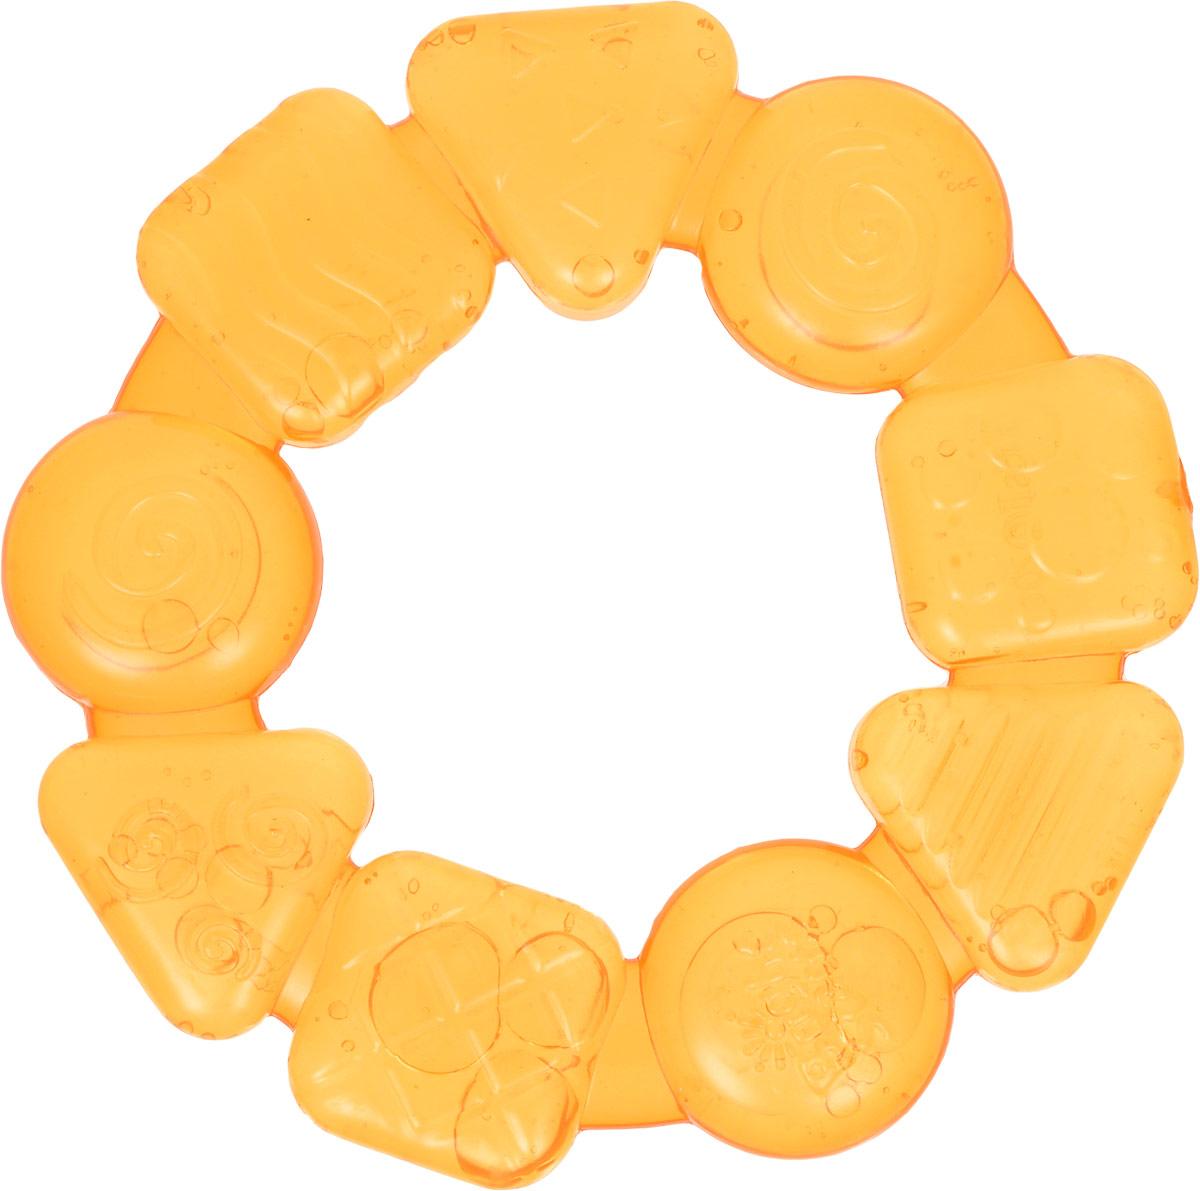 Bright Starts Прорезыватель Карамельный круг цвет желтый bright starts прорезыватель карамельный круг цвет желтый